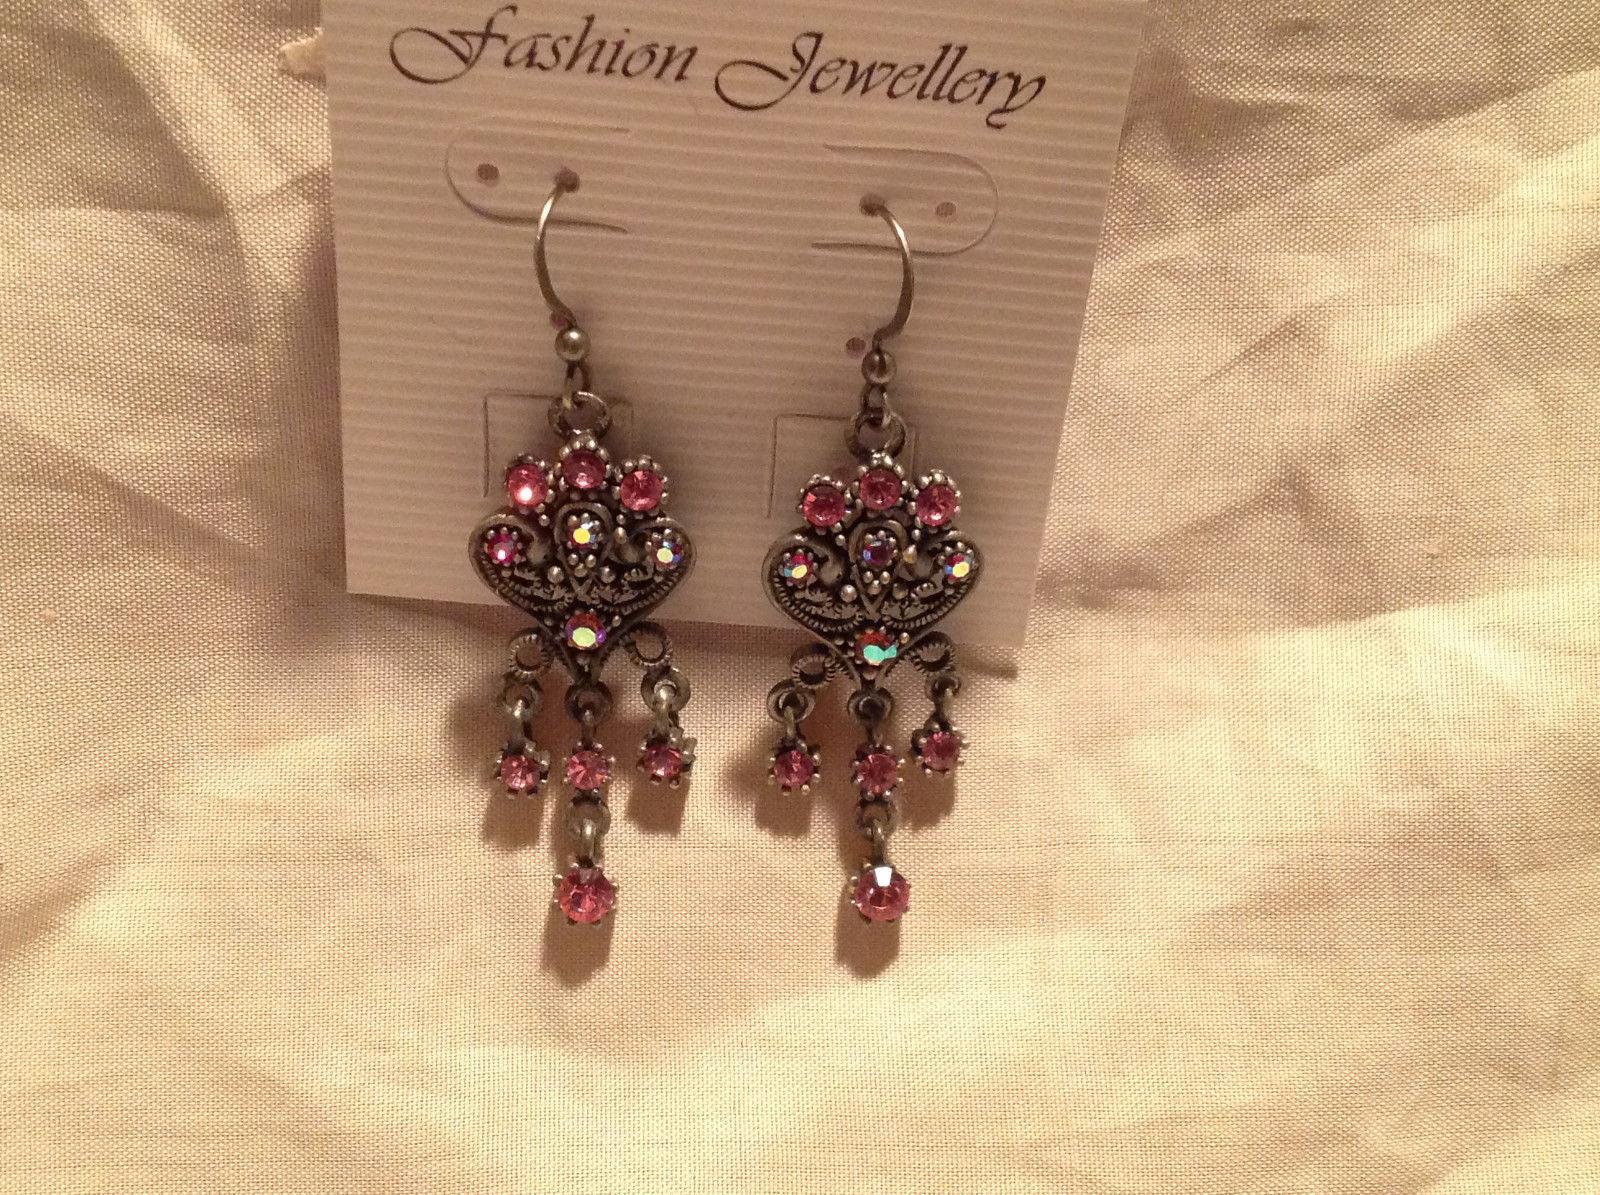 Vintage Style Dark Silver Tone Pink Crystal Dangling Chandelier Earrings